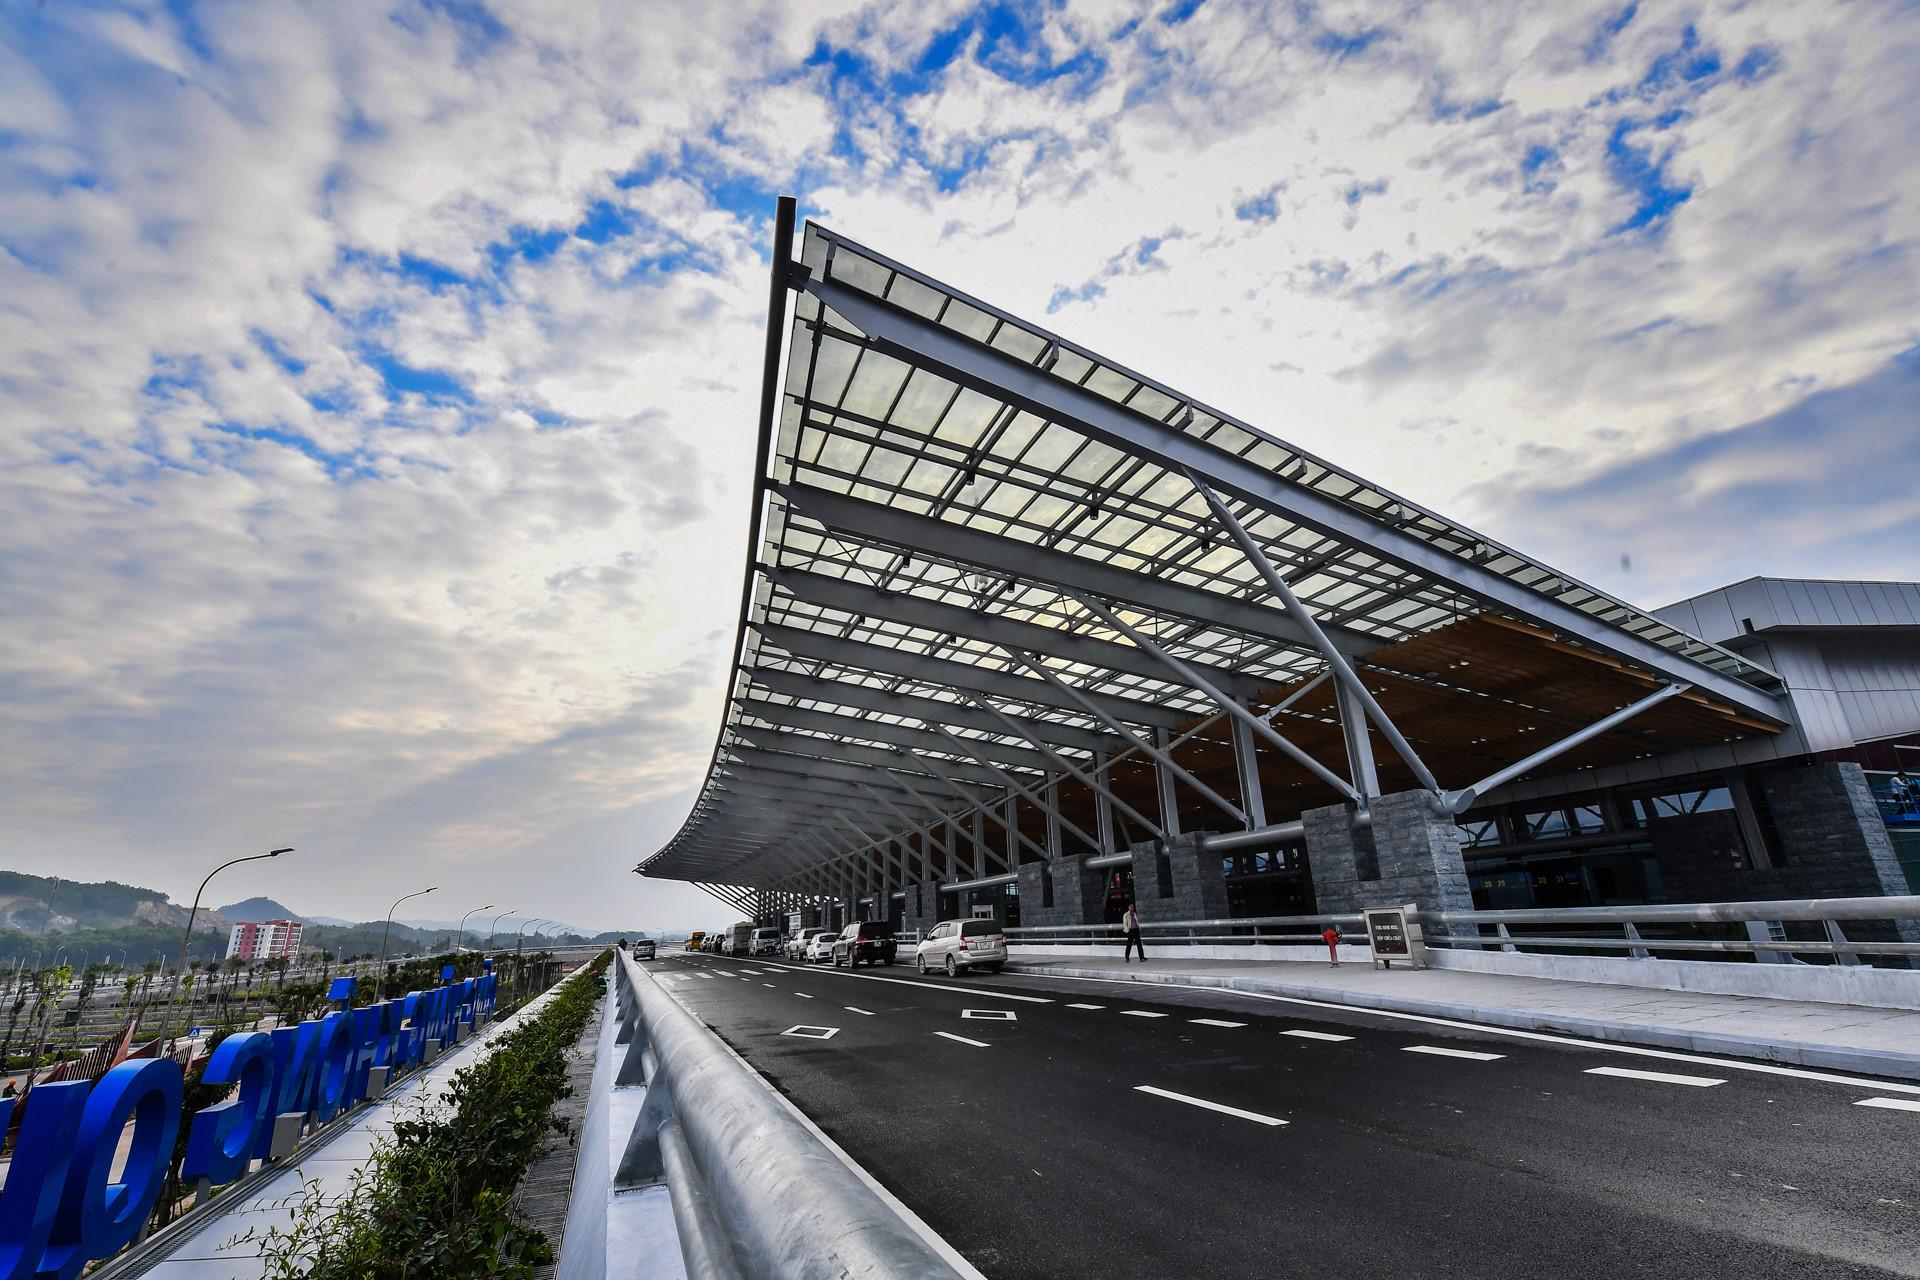 Cảng hàng không Vân Đồn là dự án sân bay đầu tiên với gần 100% vốn tư nhân